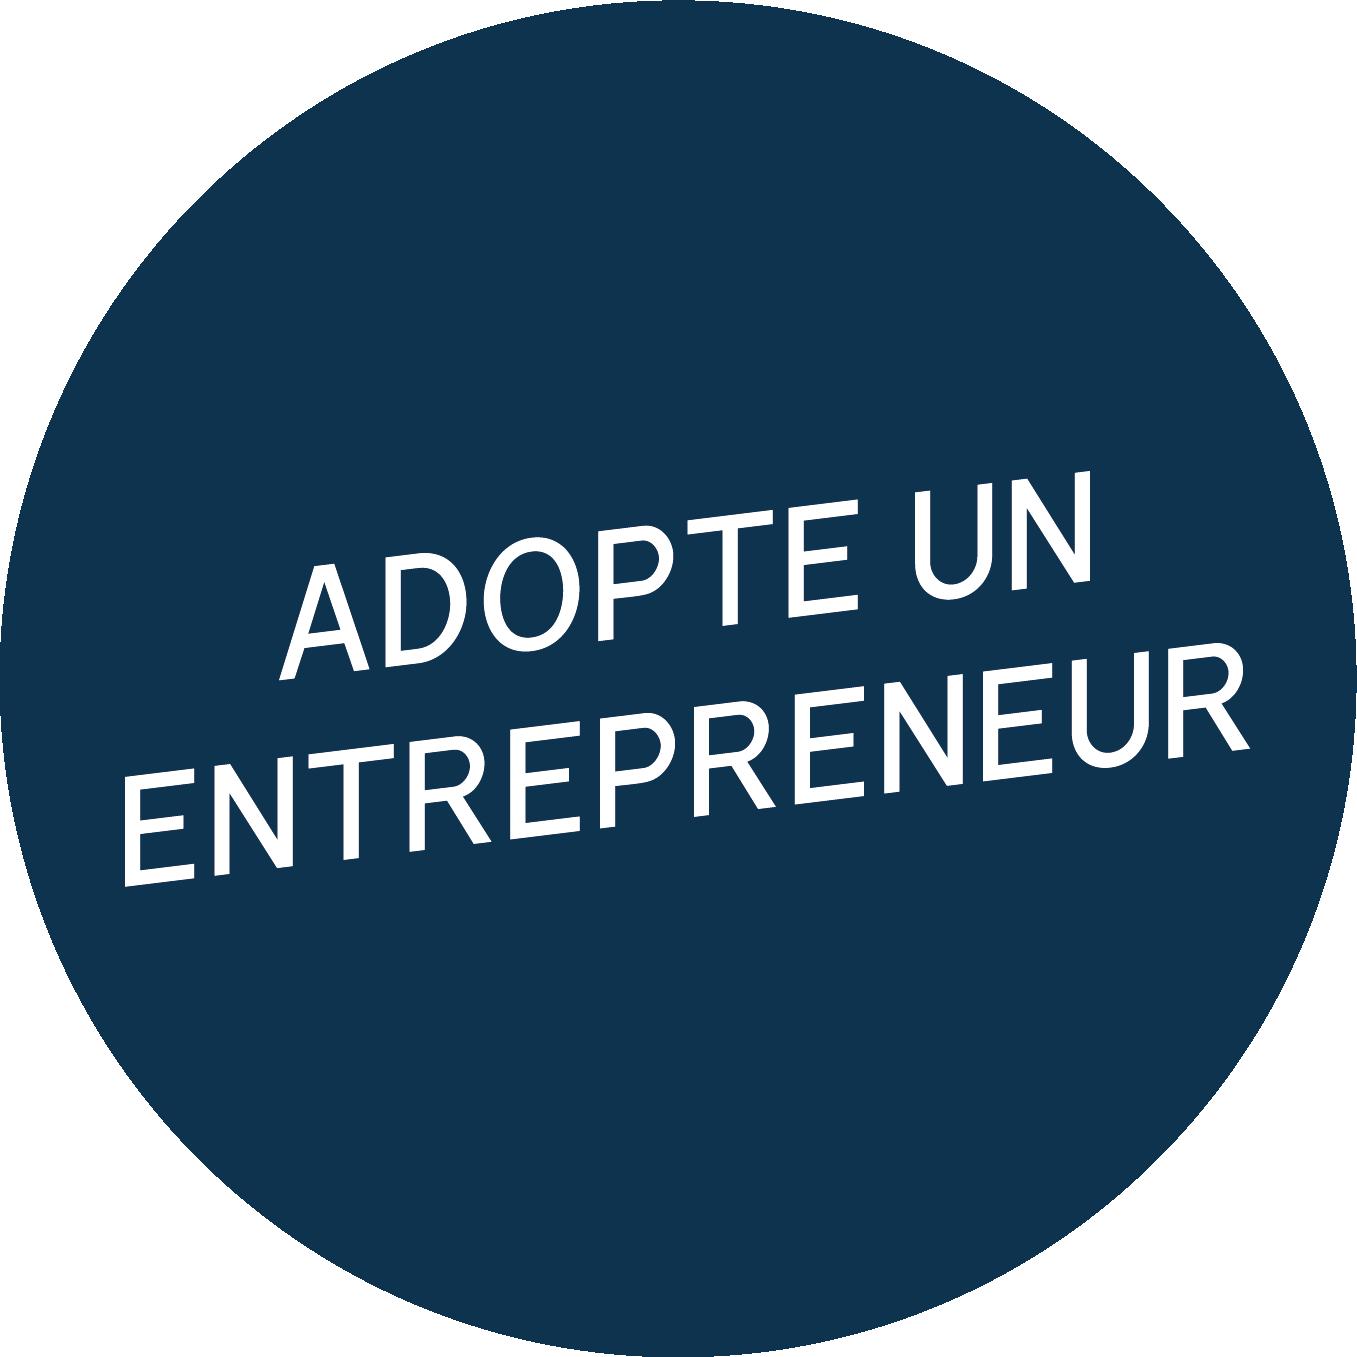 Adopte un entrepreneur